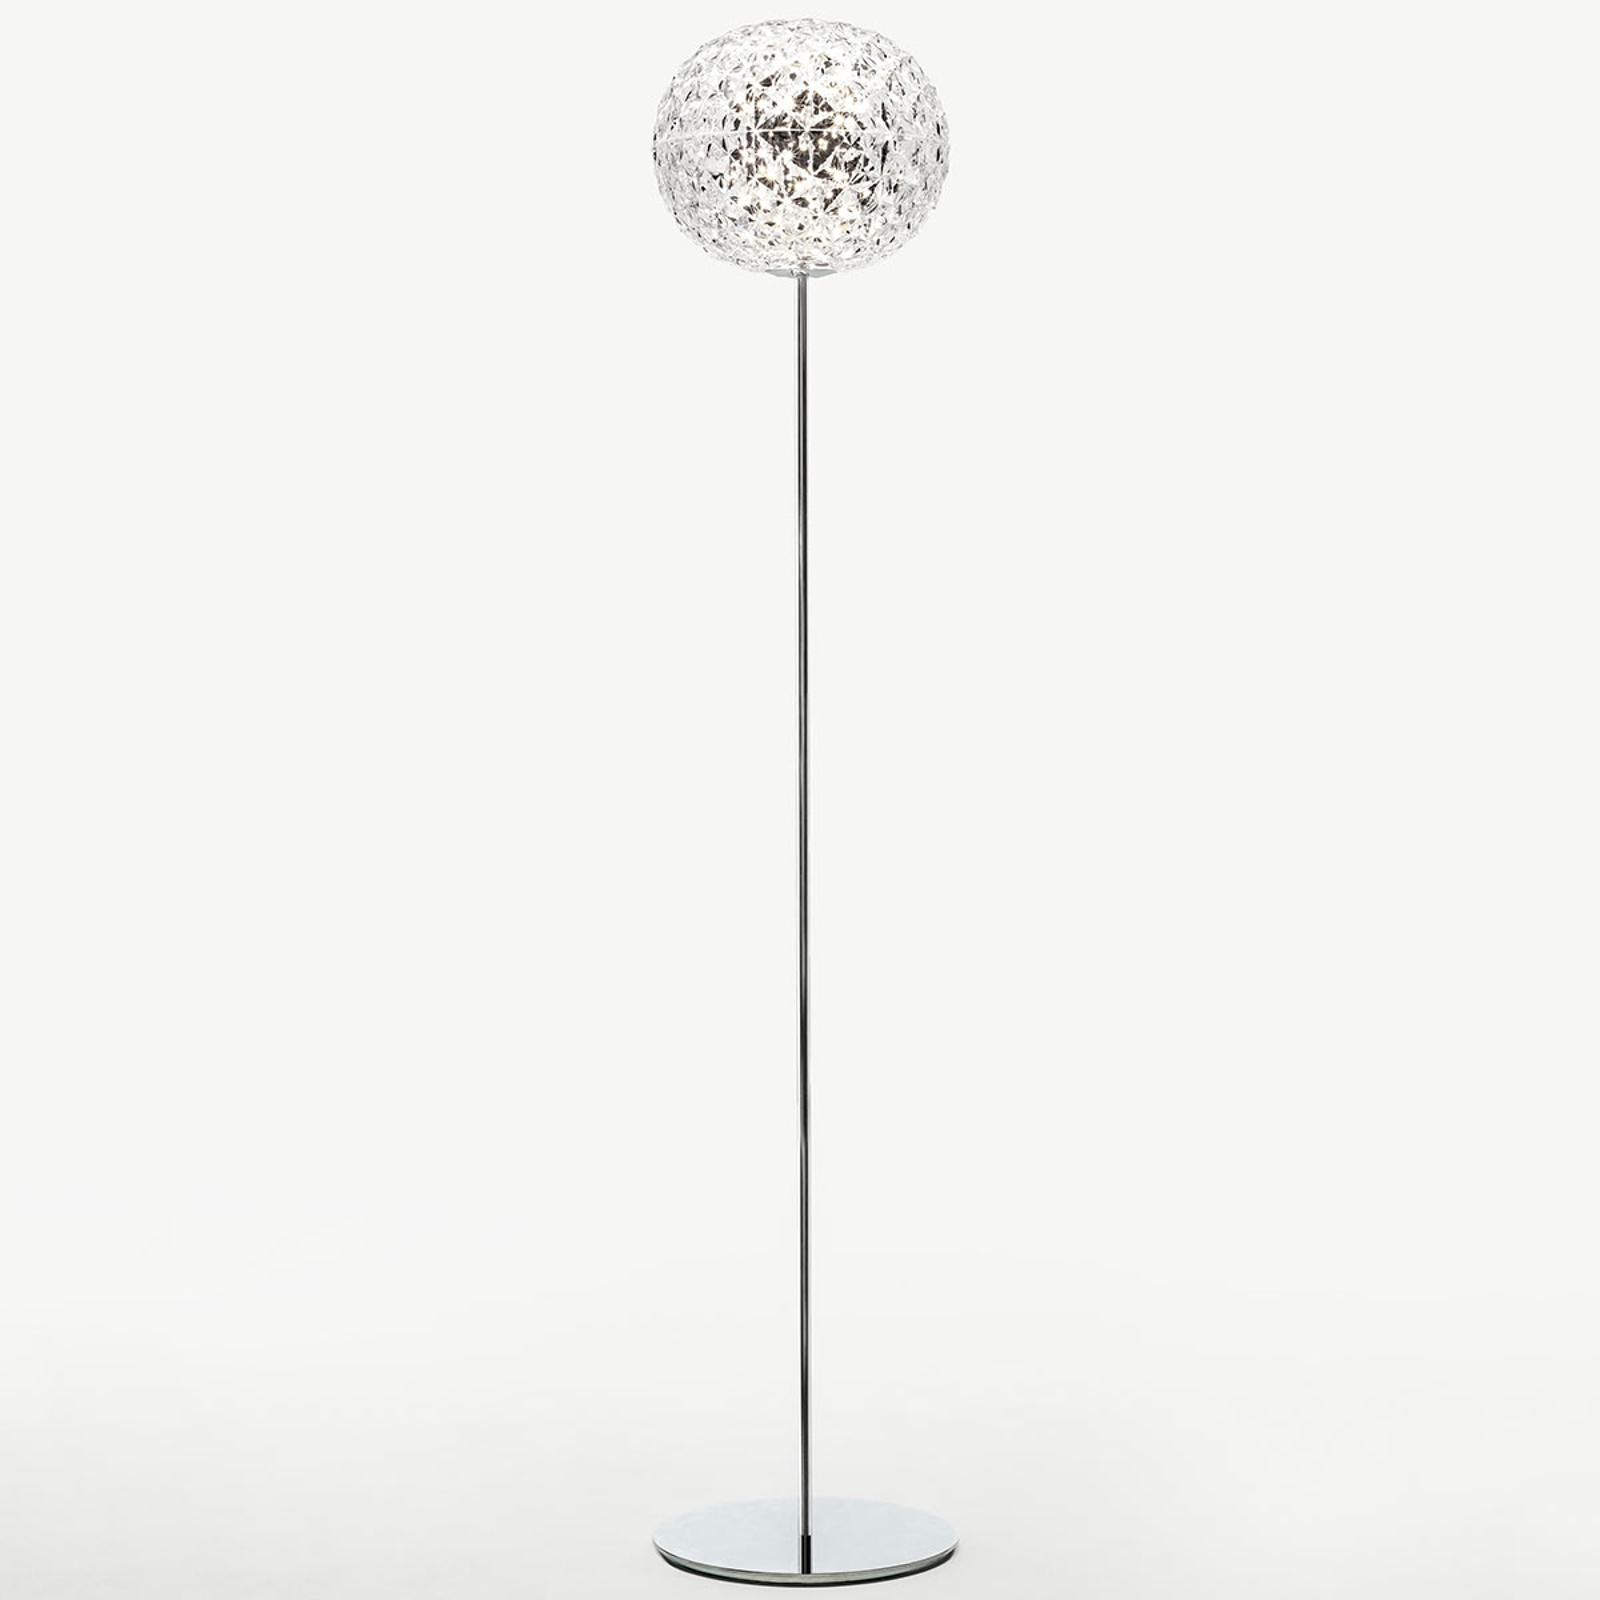 Kartell Planet LED-Stehleuchte, kristallklar